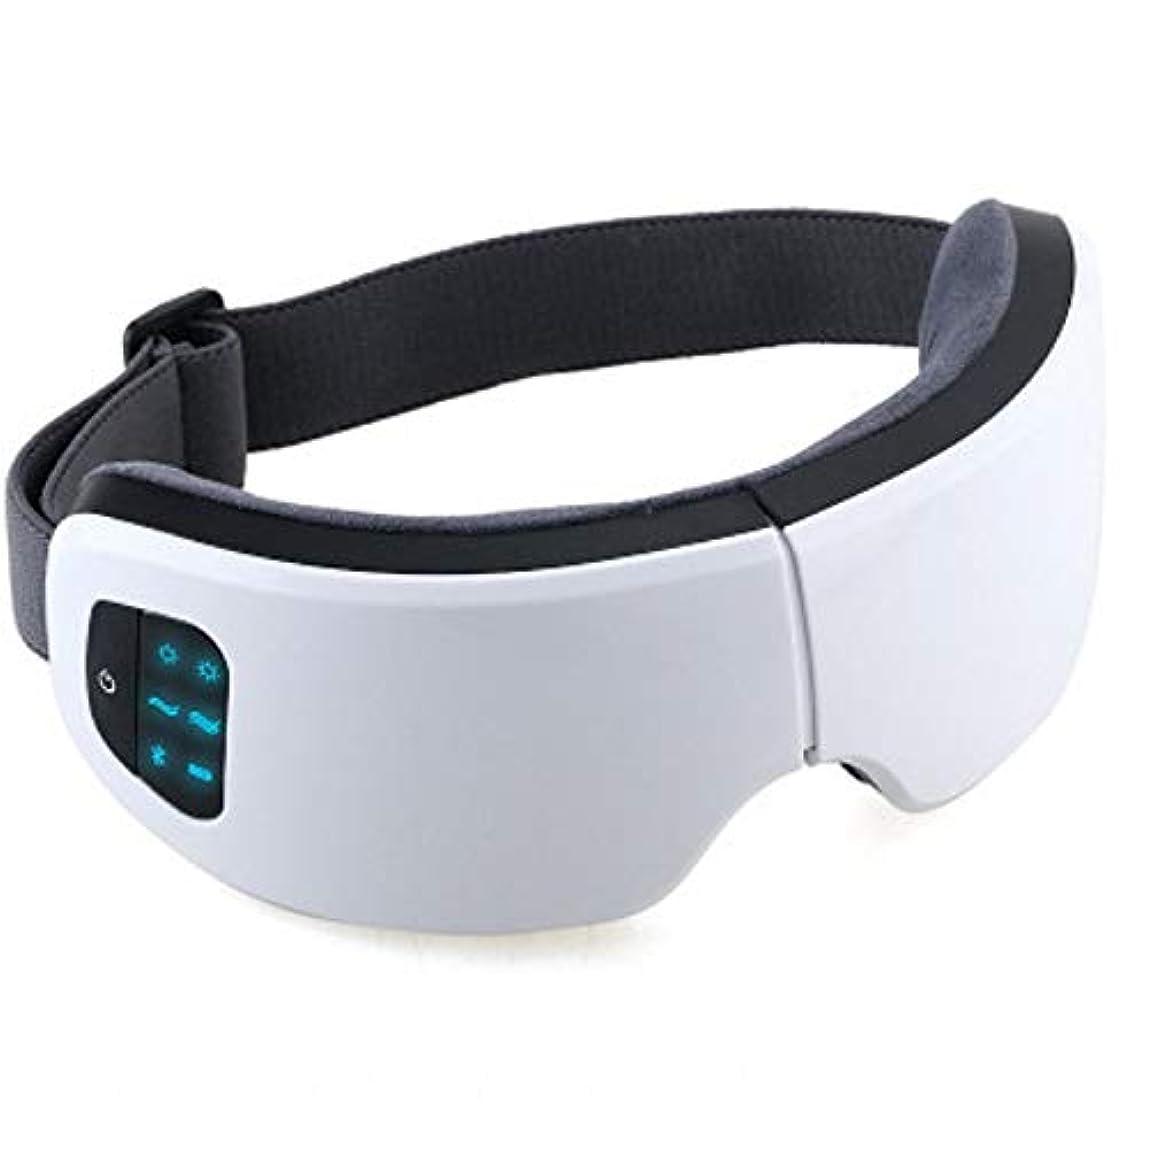 コショウ交じる夜明けJxm 高度の目のマッサージャー、暖房モードの無線再充電可能な折る目のマッサージャー うまく設計された